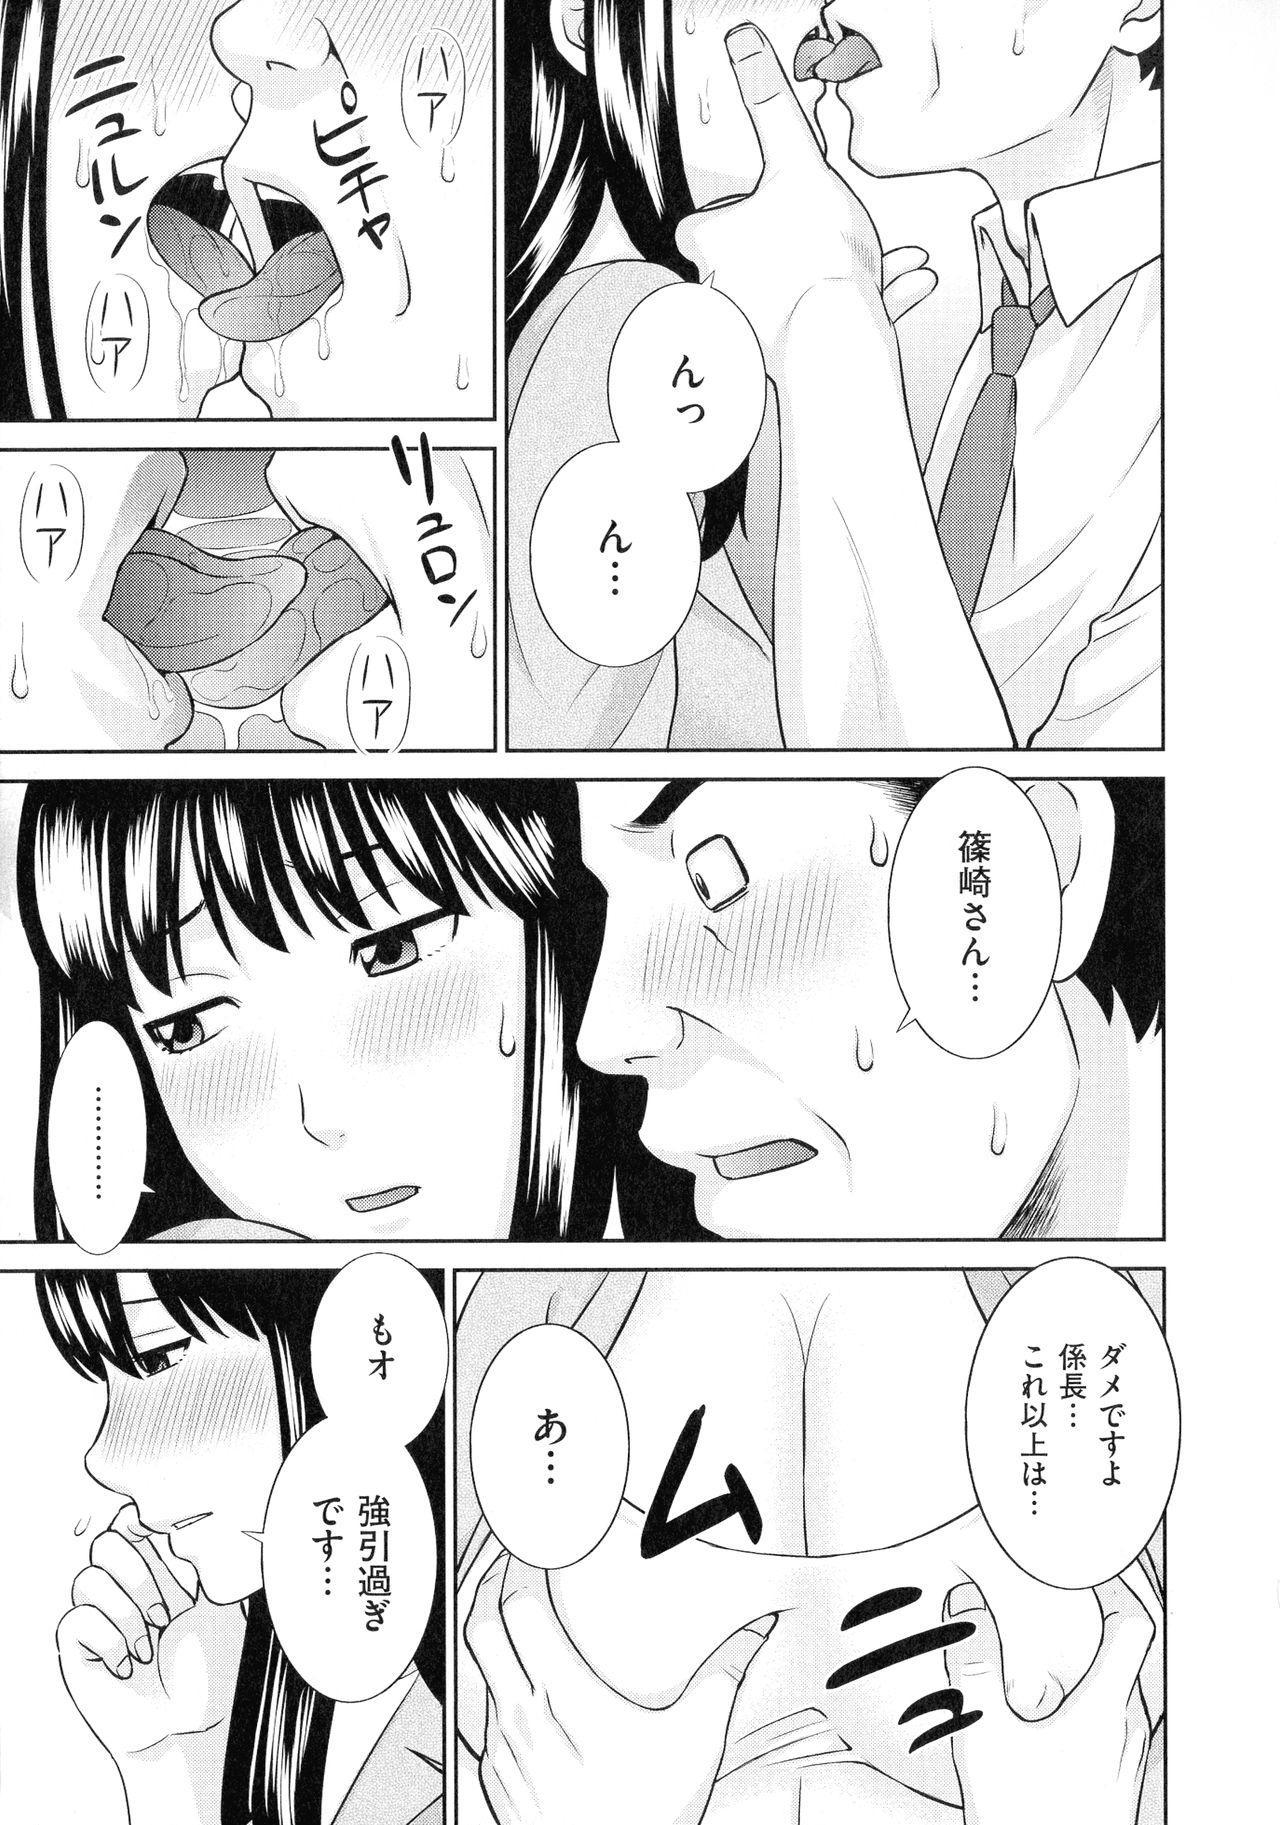 Tennen Torokeru Hatsujozuma 173